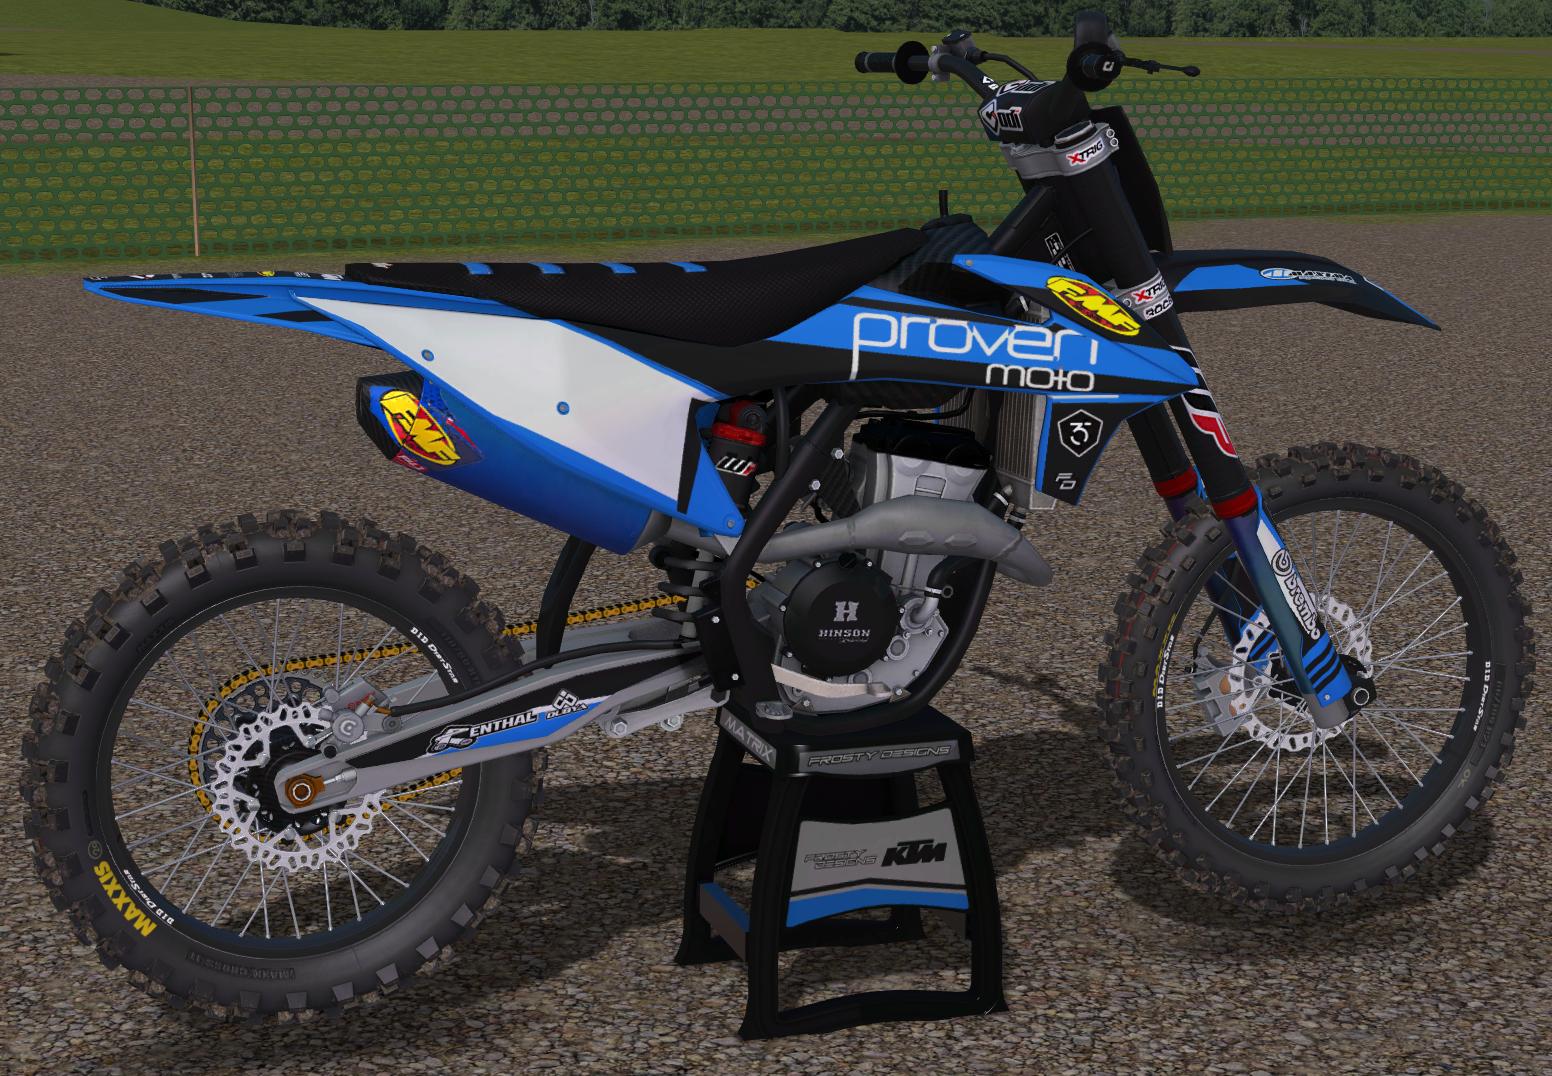 Proven Moto KTM by Frosty122